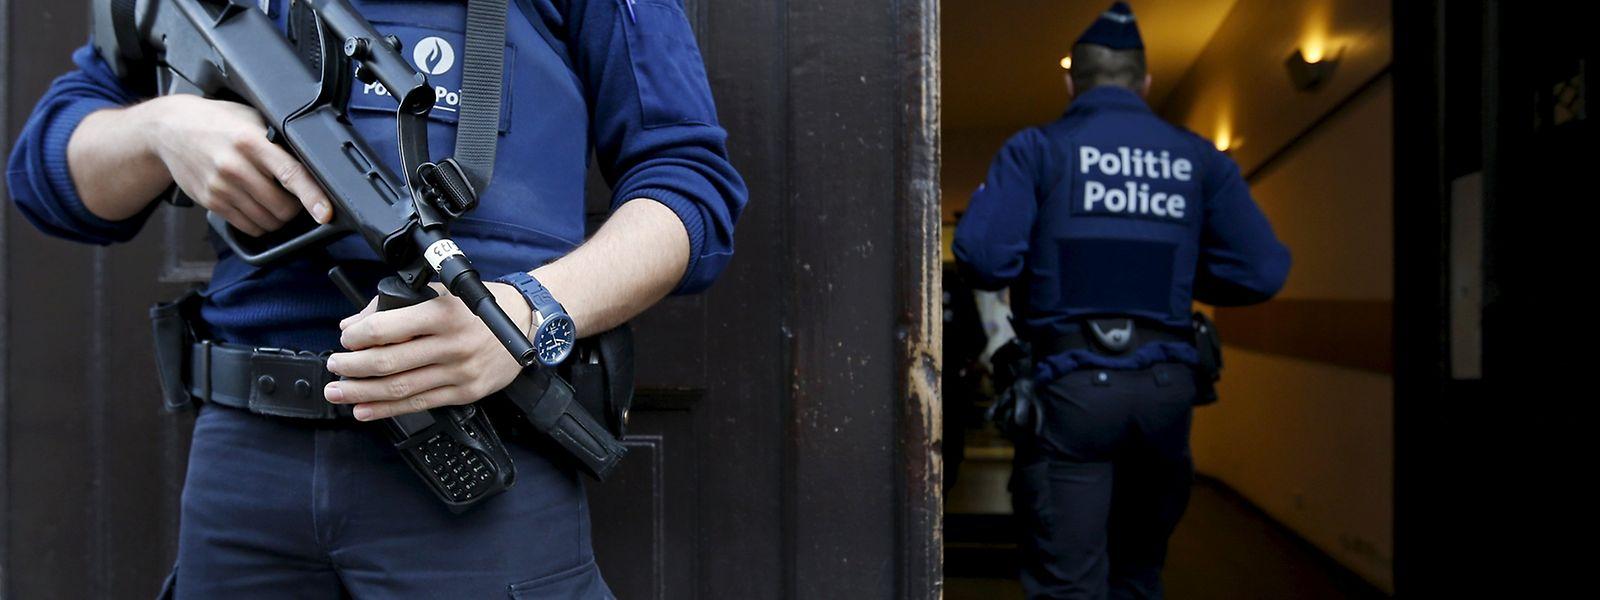 Die belgische Polizei konnte zwei Verdächtige dingfest machen.